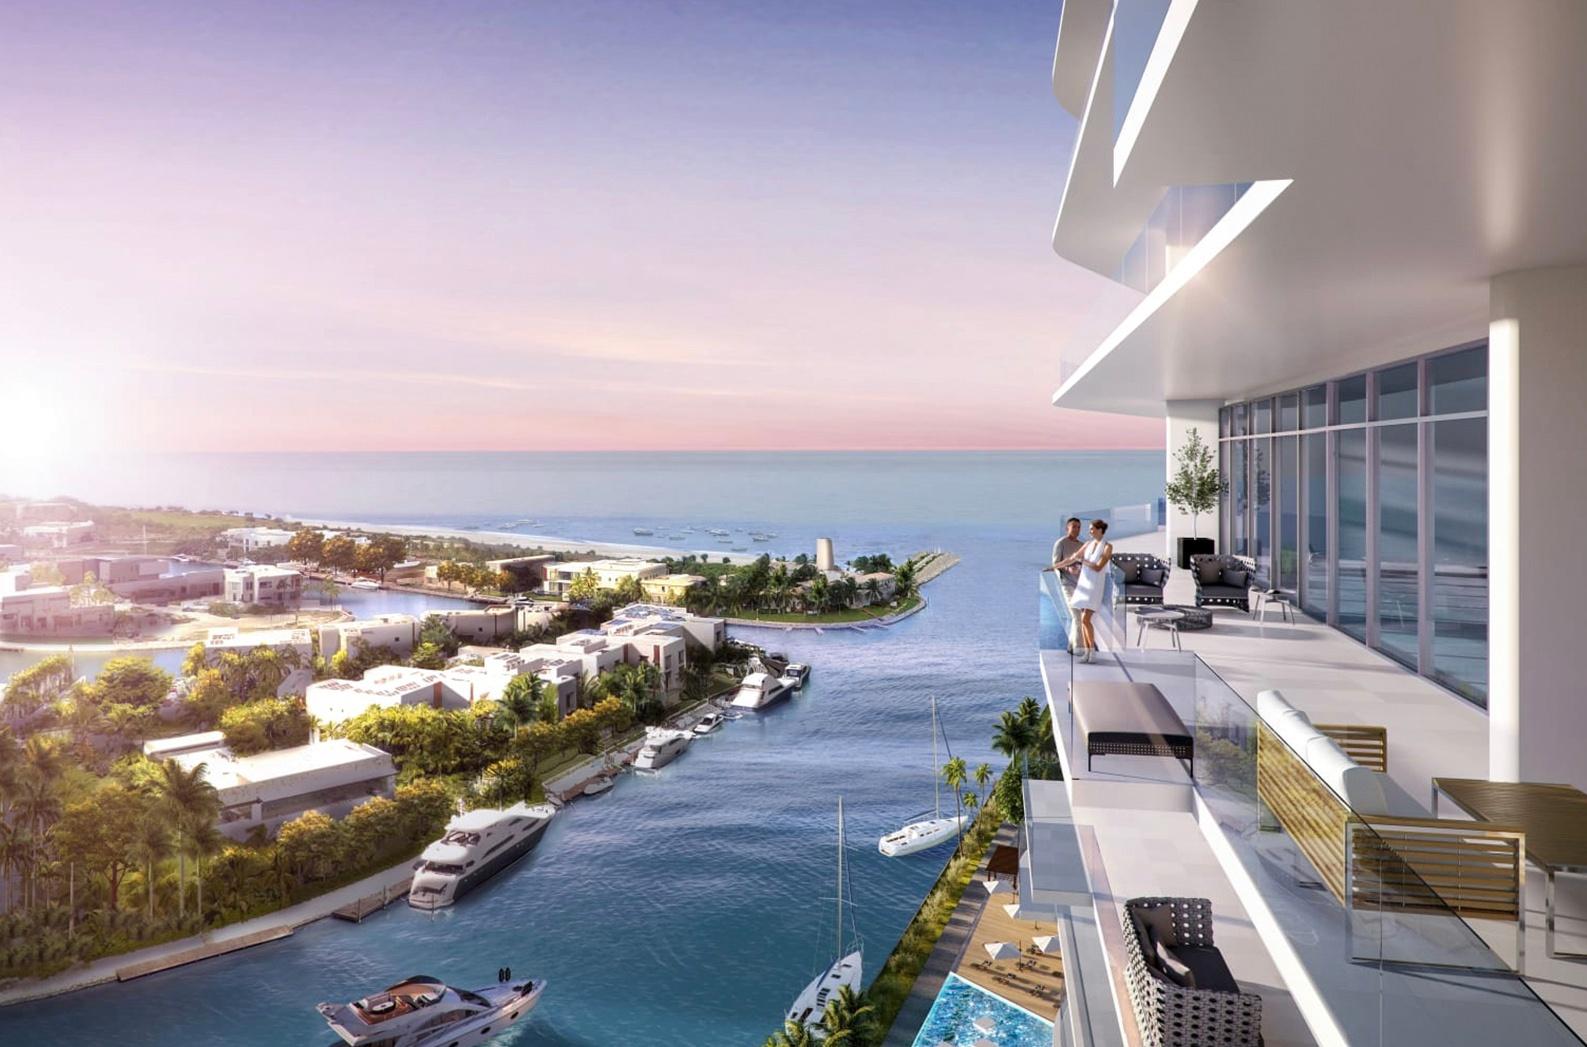 SLS-Marina-Beach-Renders-9